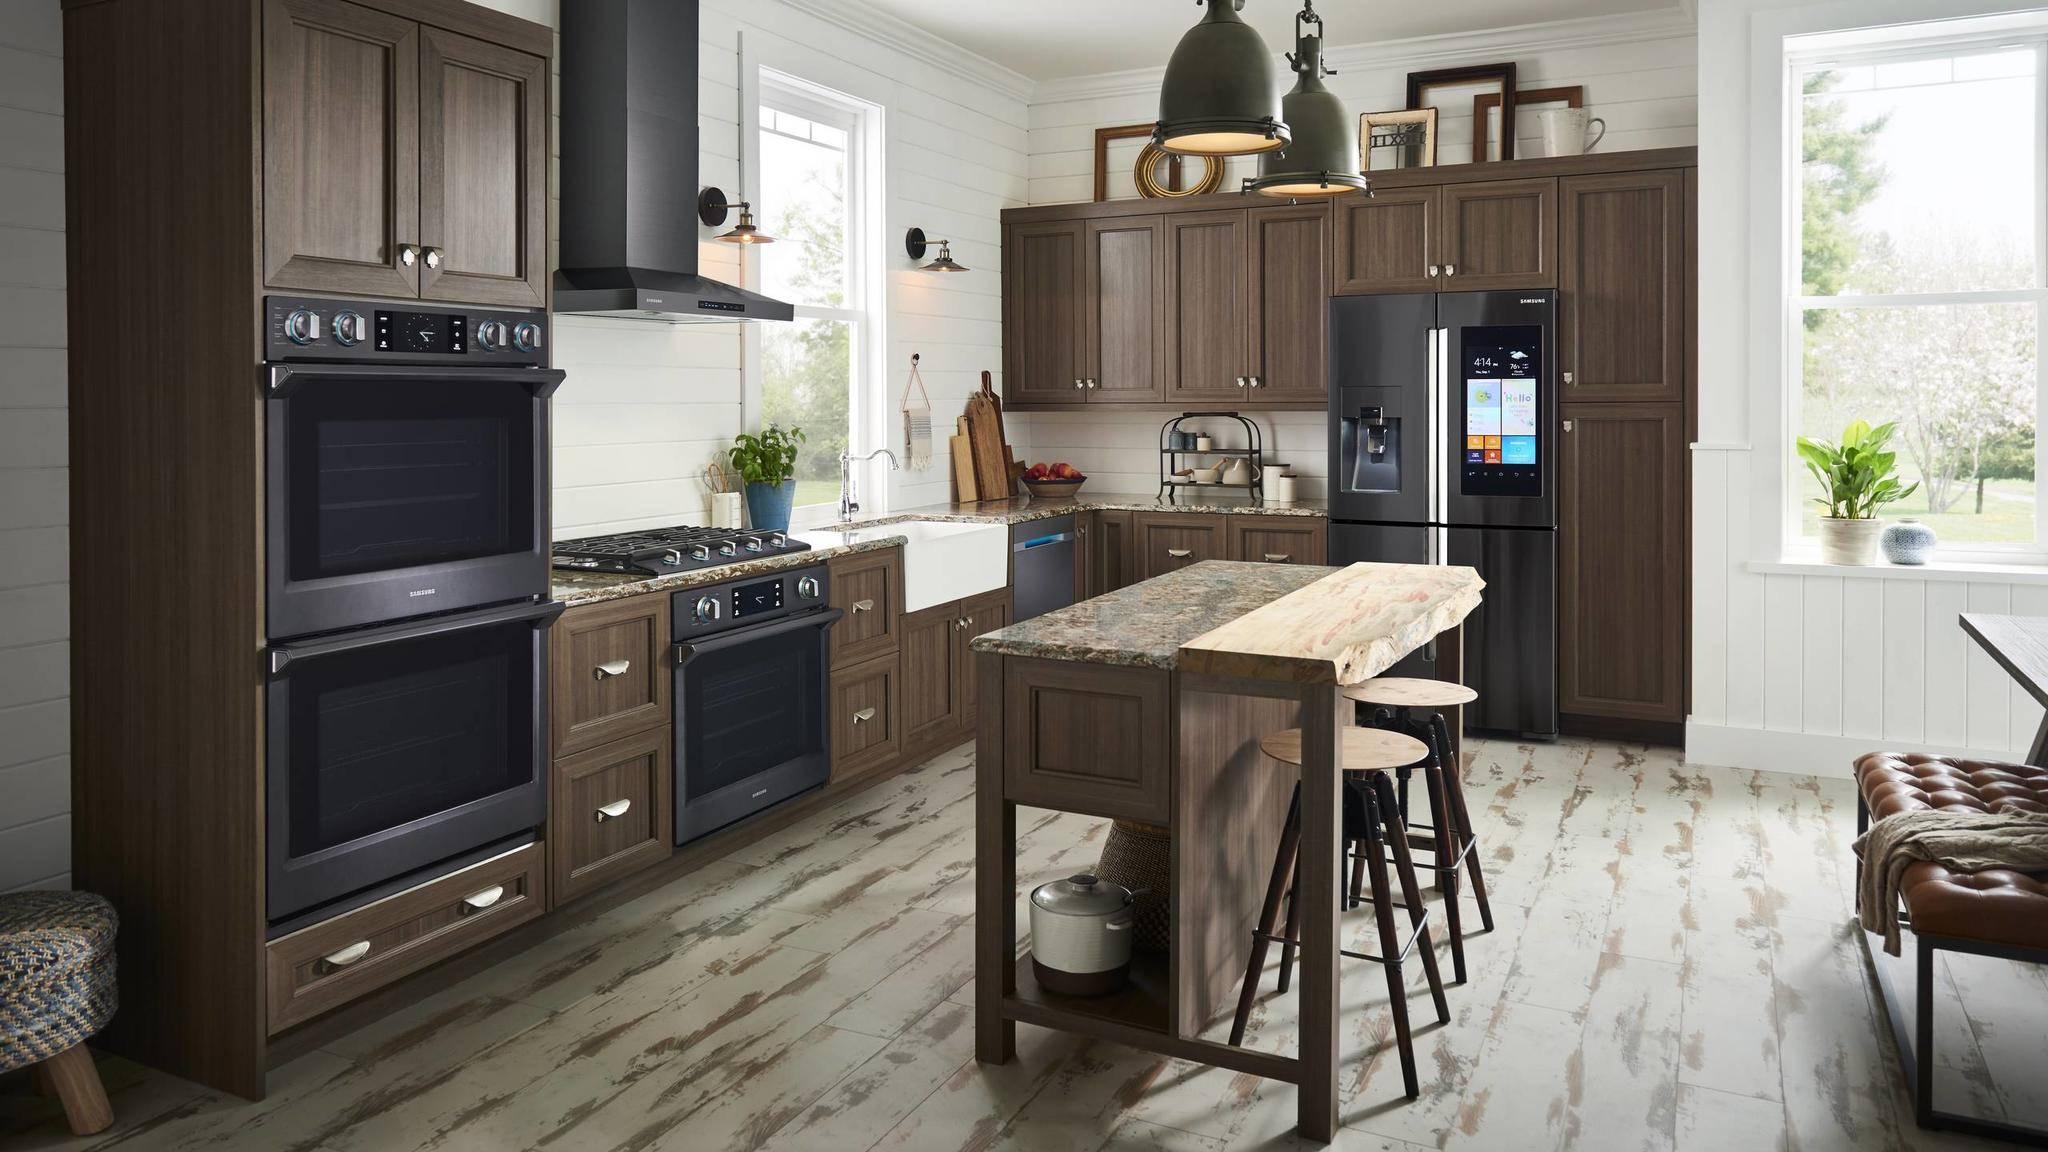 Samsung will in Zukunft auch smarte Einbaugeräte für die Küche anbieten.